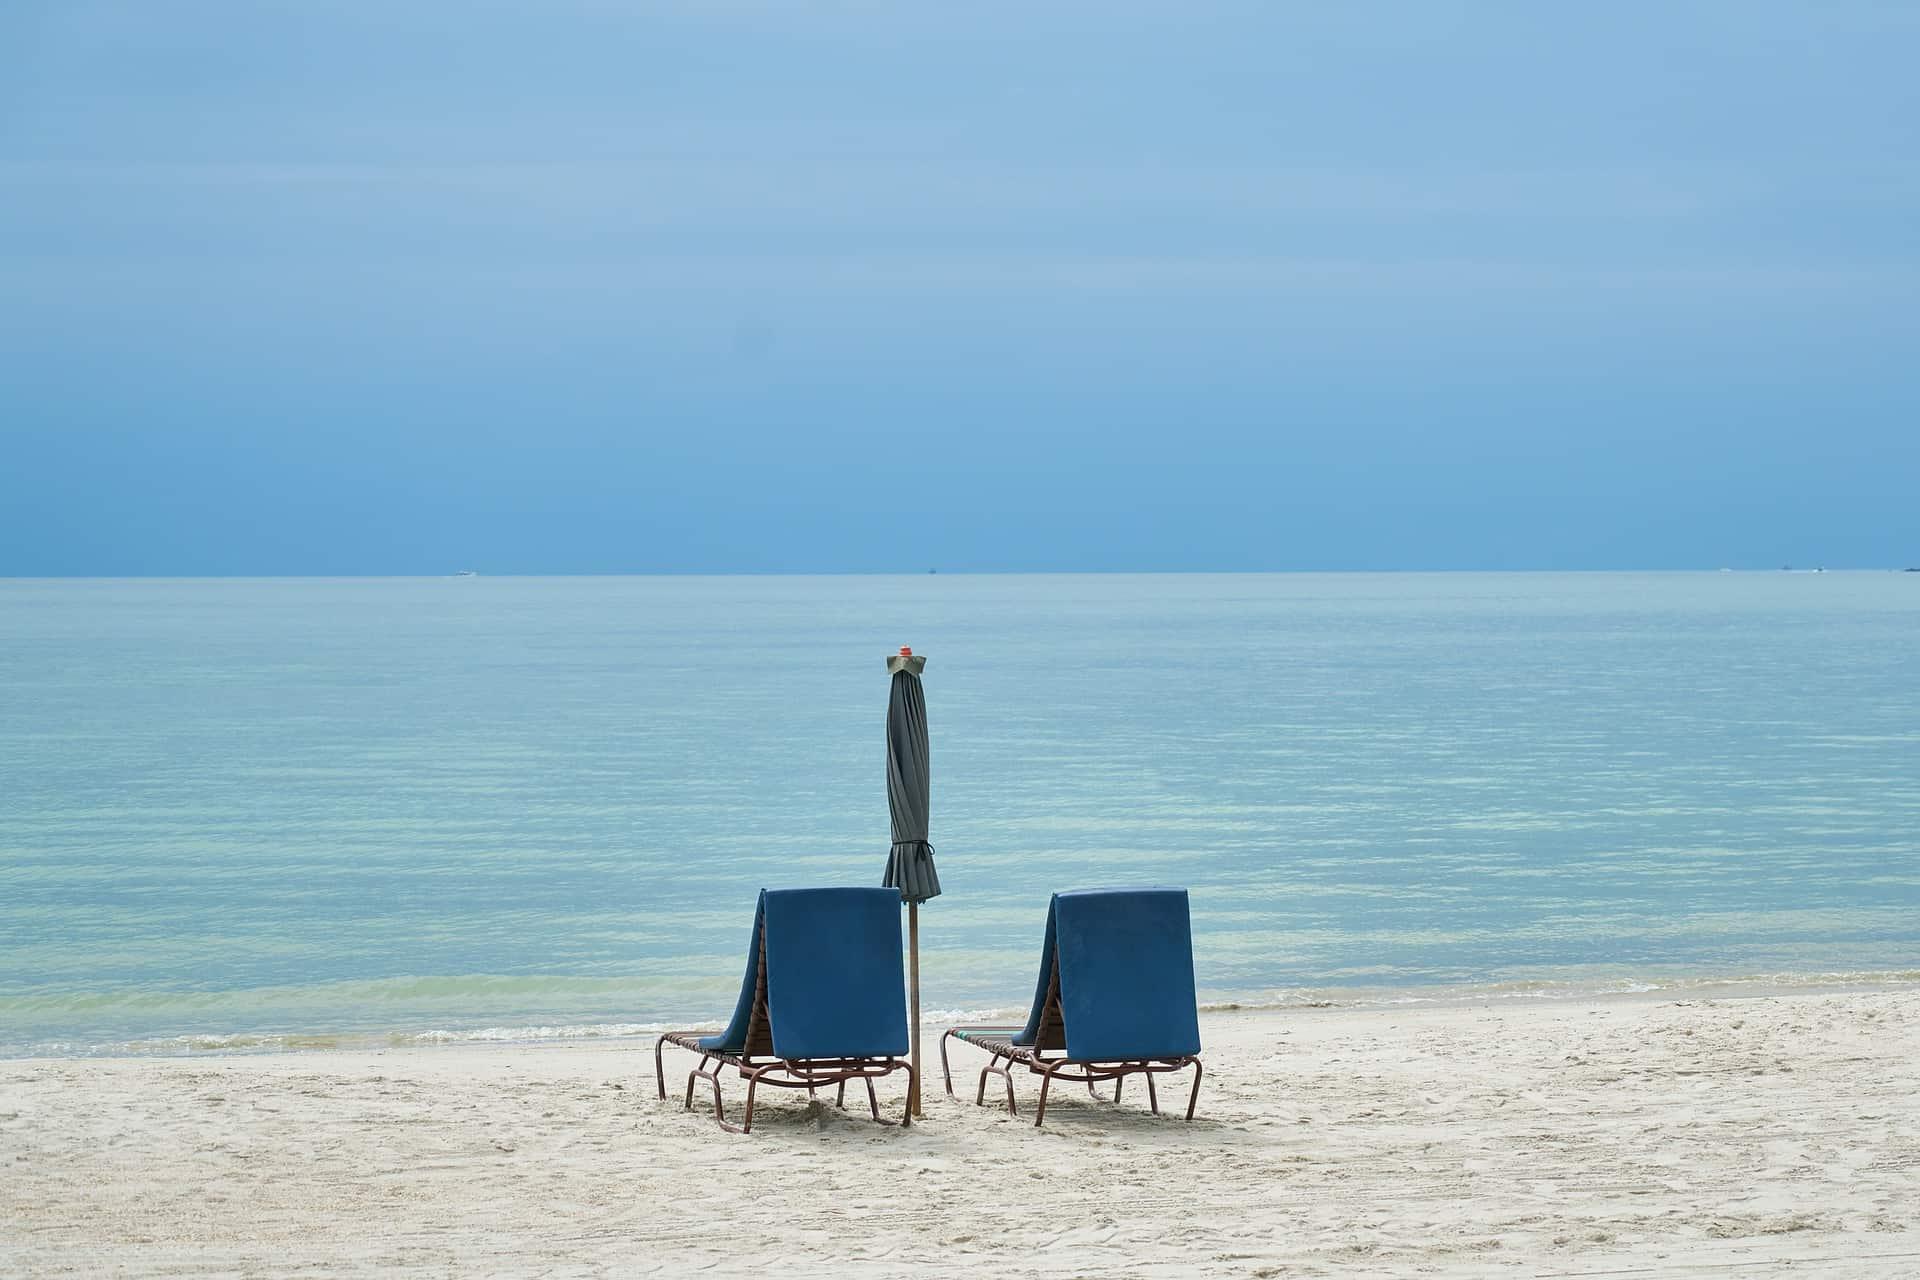 Strandurlaub in Malaysia ist nicht wie in Thailand ich empfehle nur einen kurzen aufenthalt